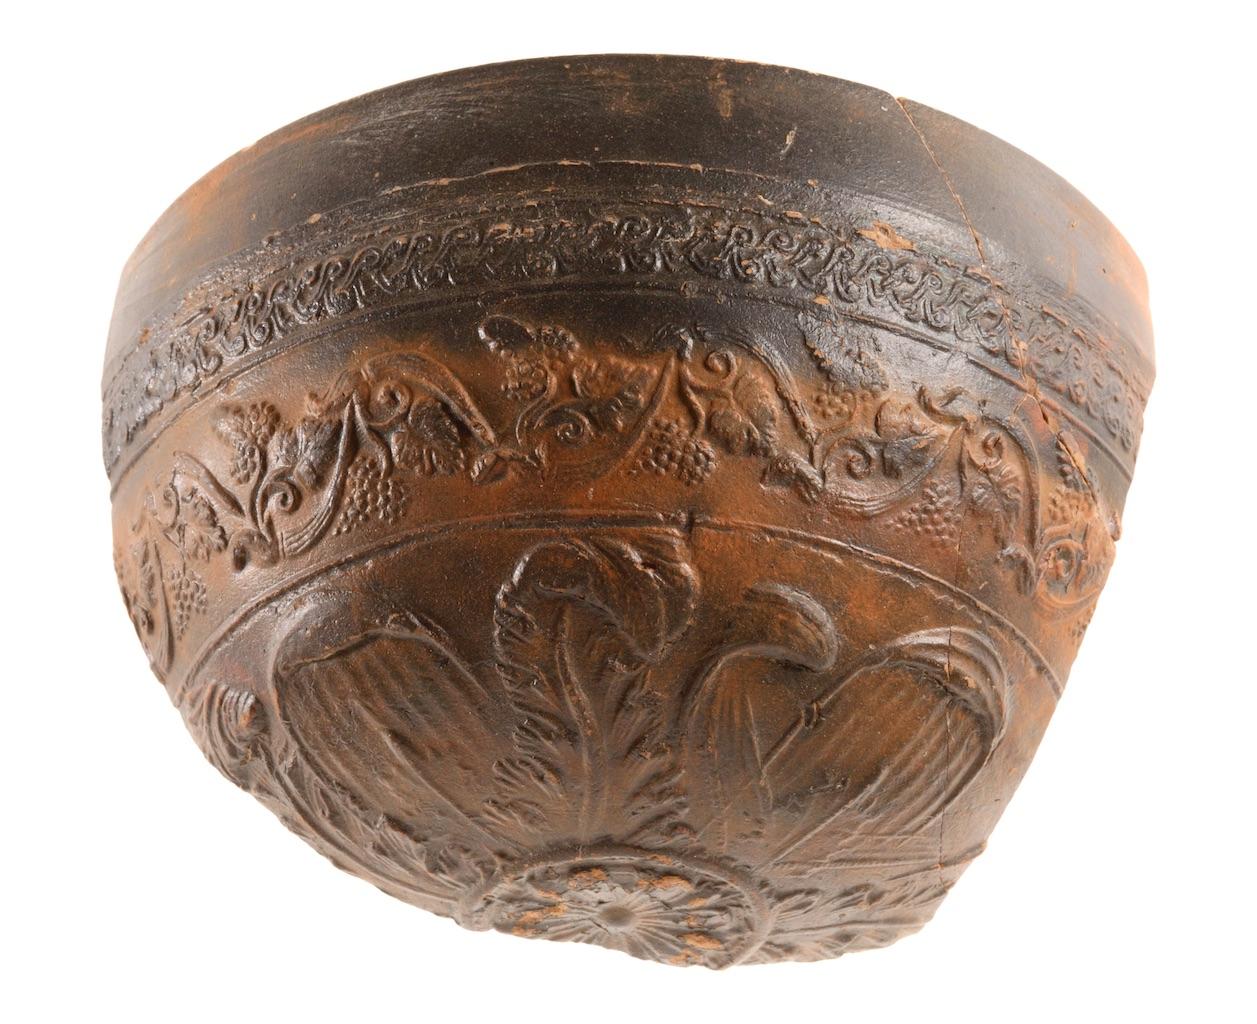 Ephesos rölyefli kase (© ÖAW-ÖAI, N. Gail)